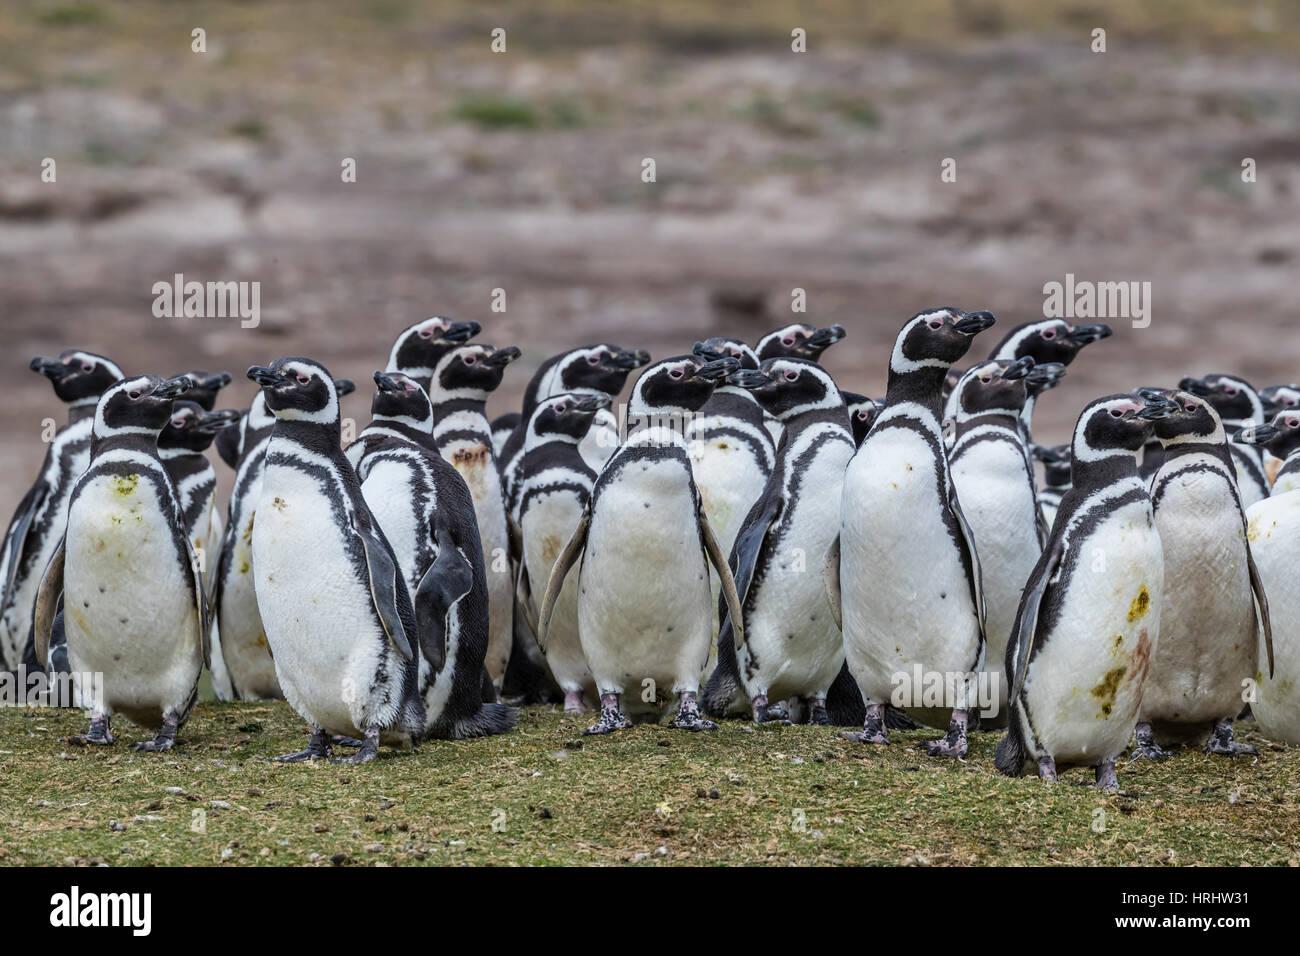 Pingüino de Magallanes (Spheniscus magellanicus) colonia reproductora en la isla de despojos, Islas Malvinas Foto de stock